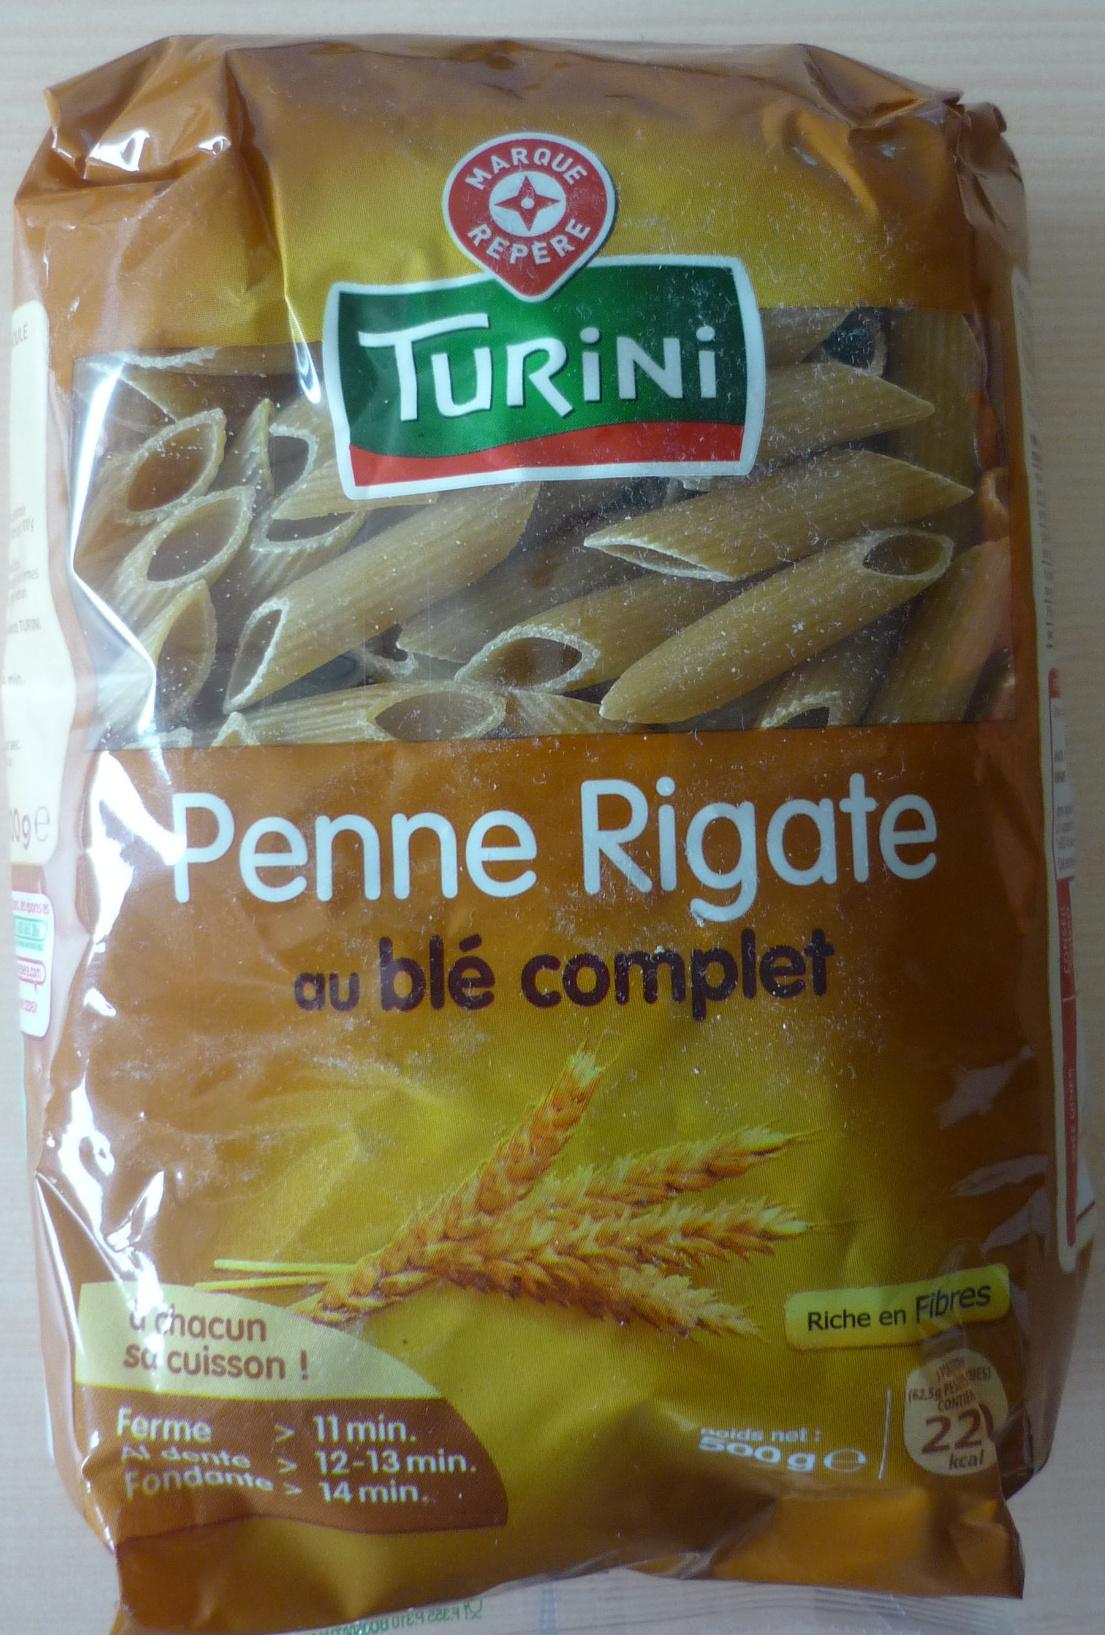 Penne Rigate au blé complet - Producto